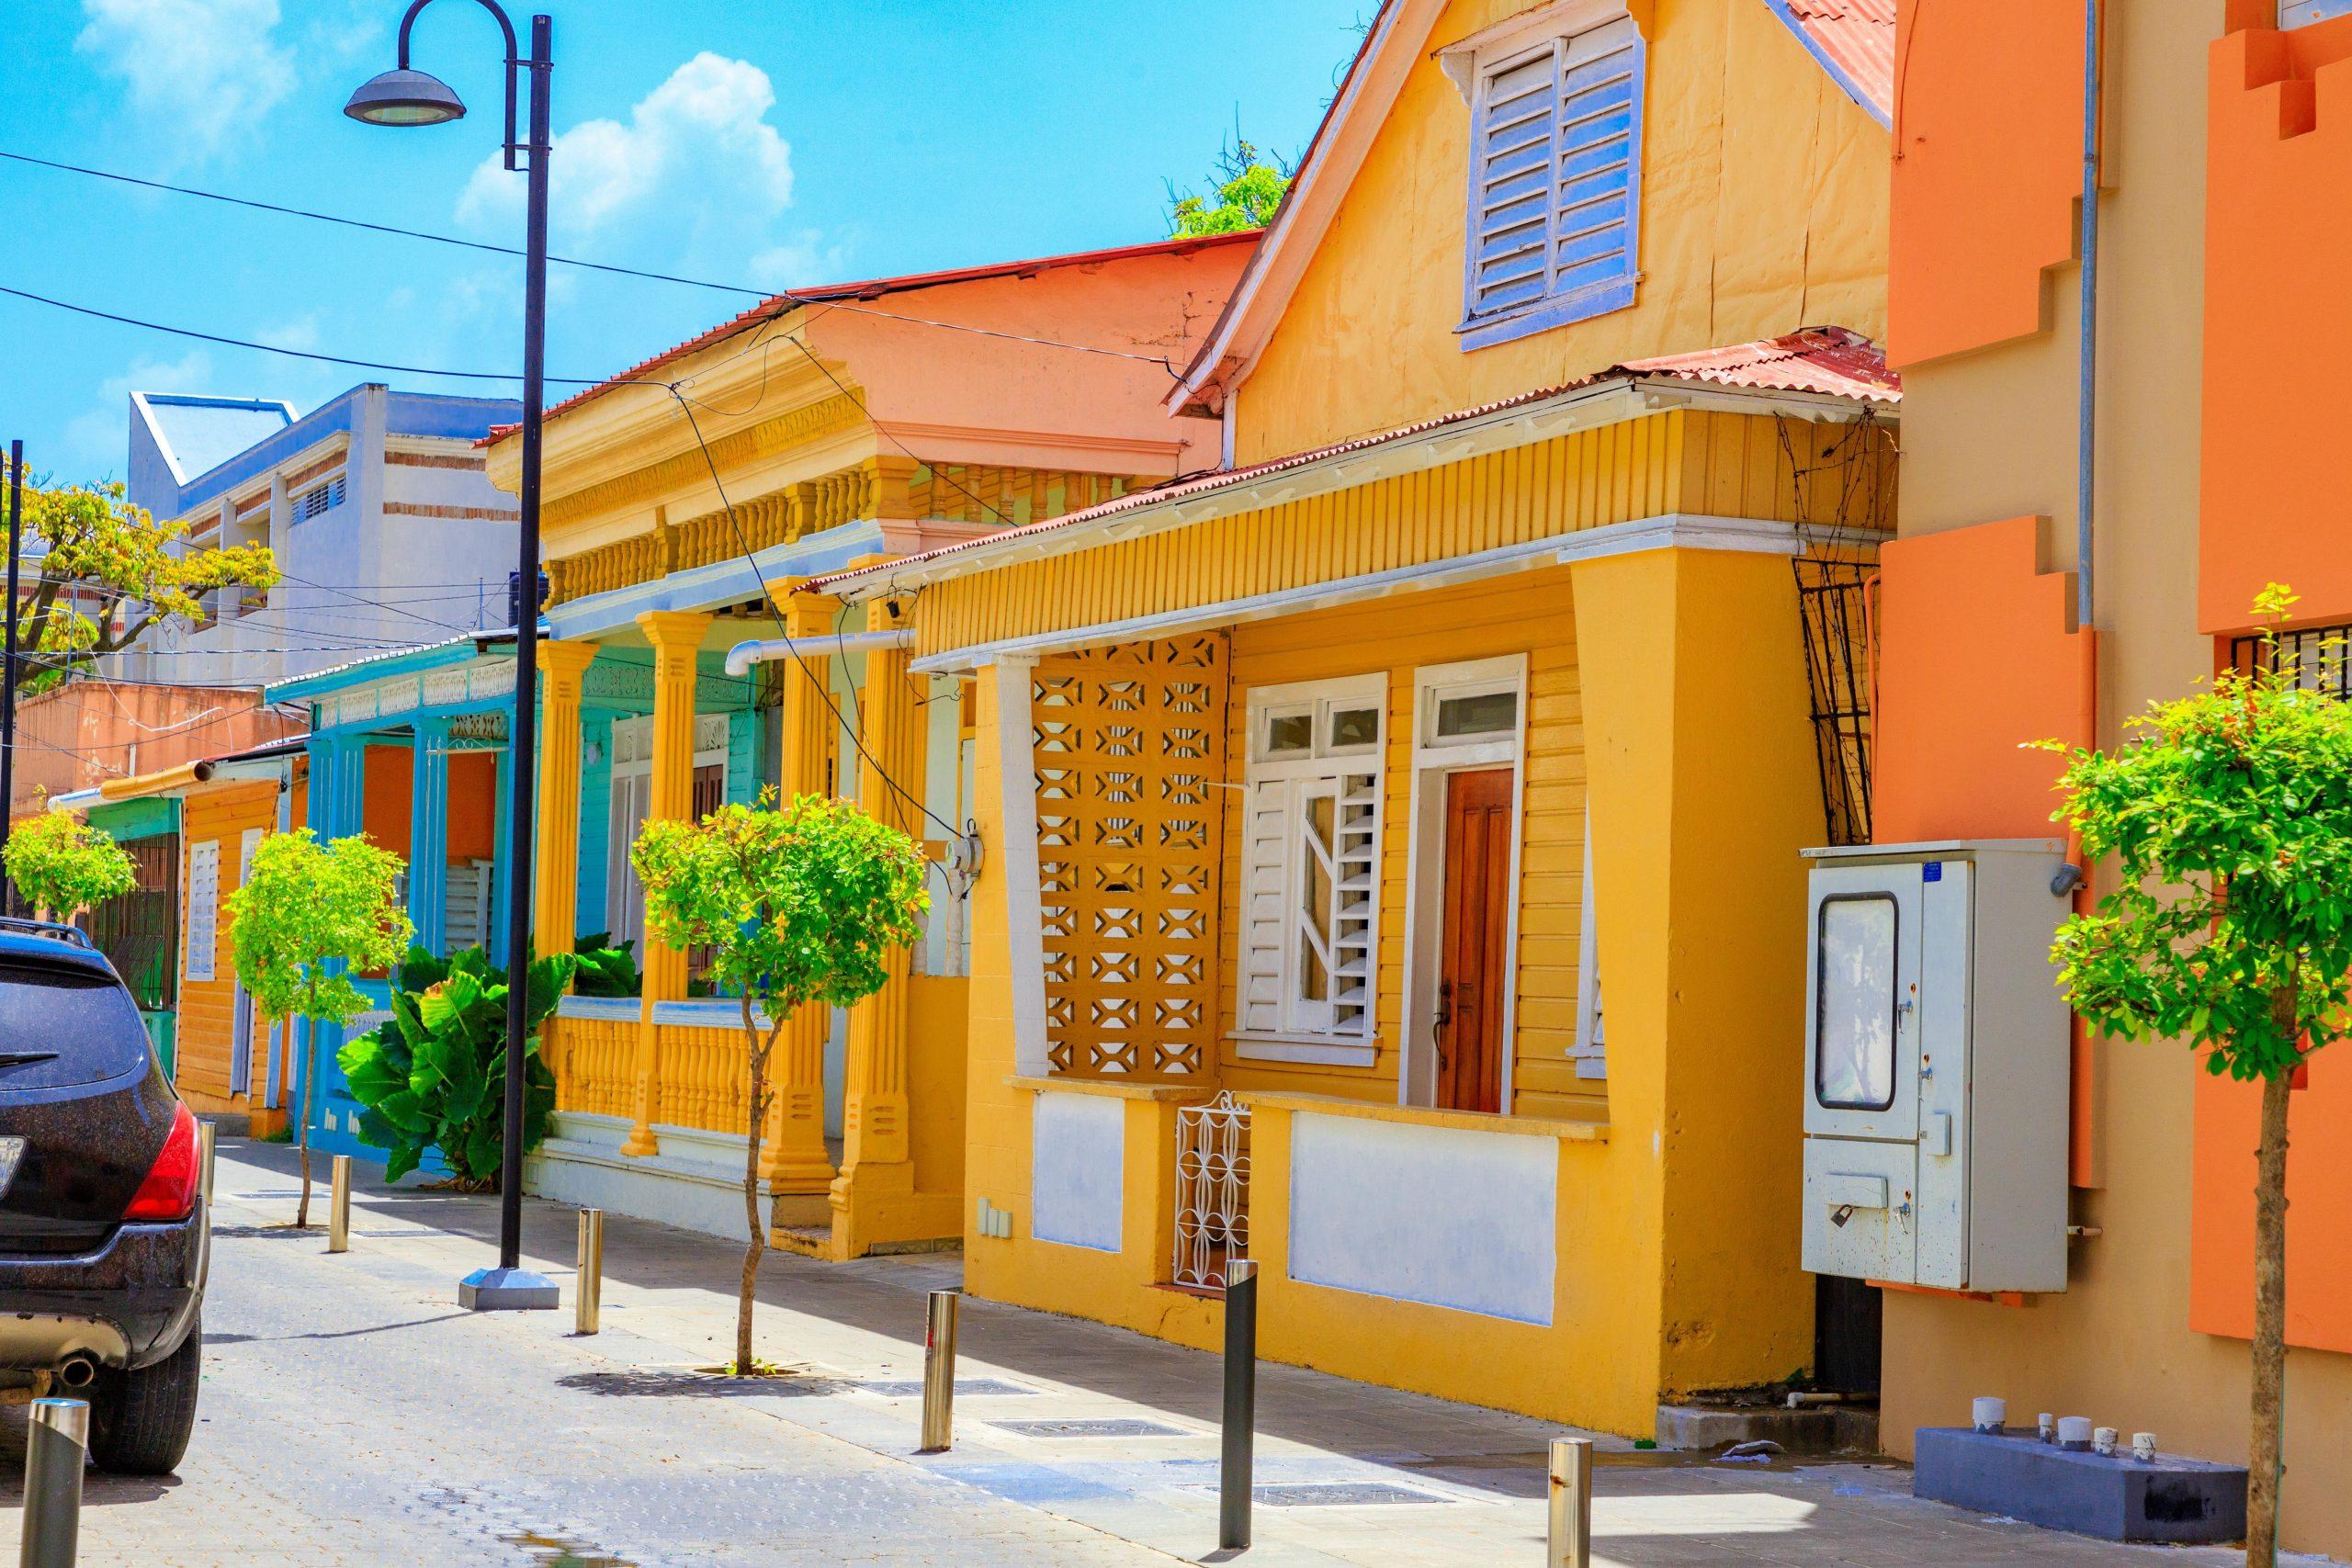 maison typiques colorées en république dominicaine